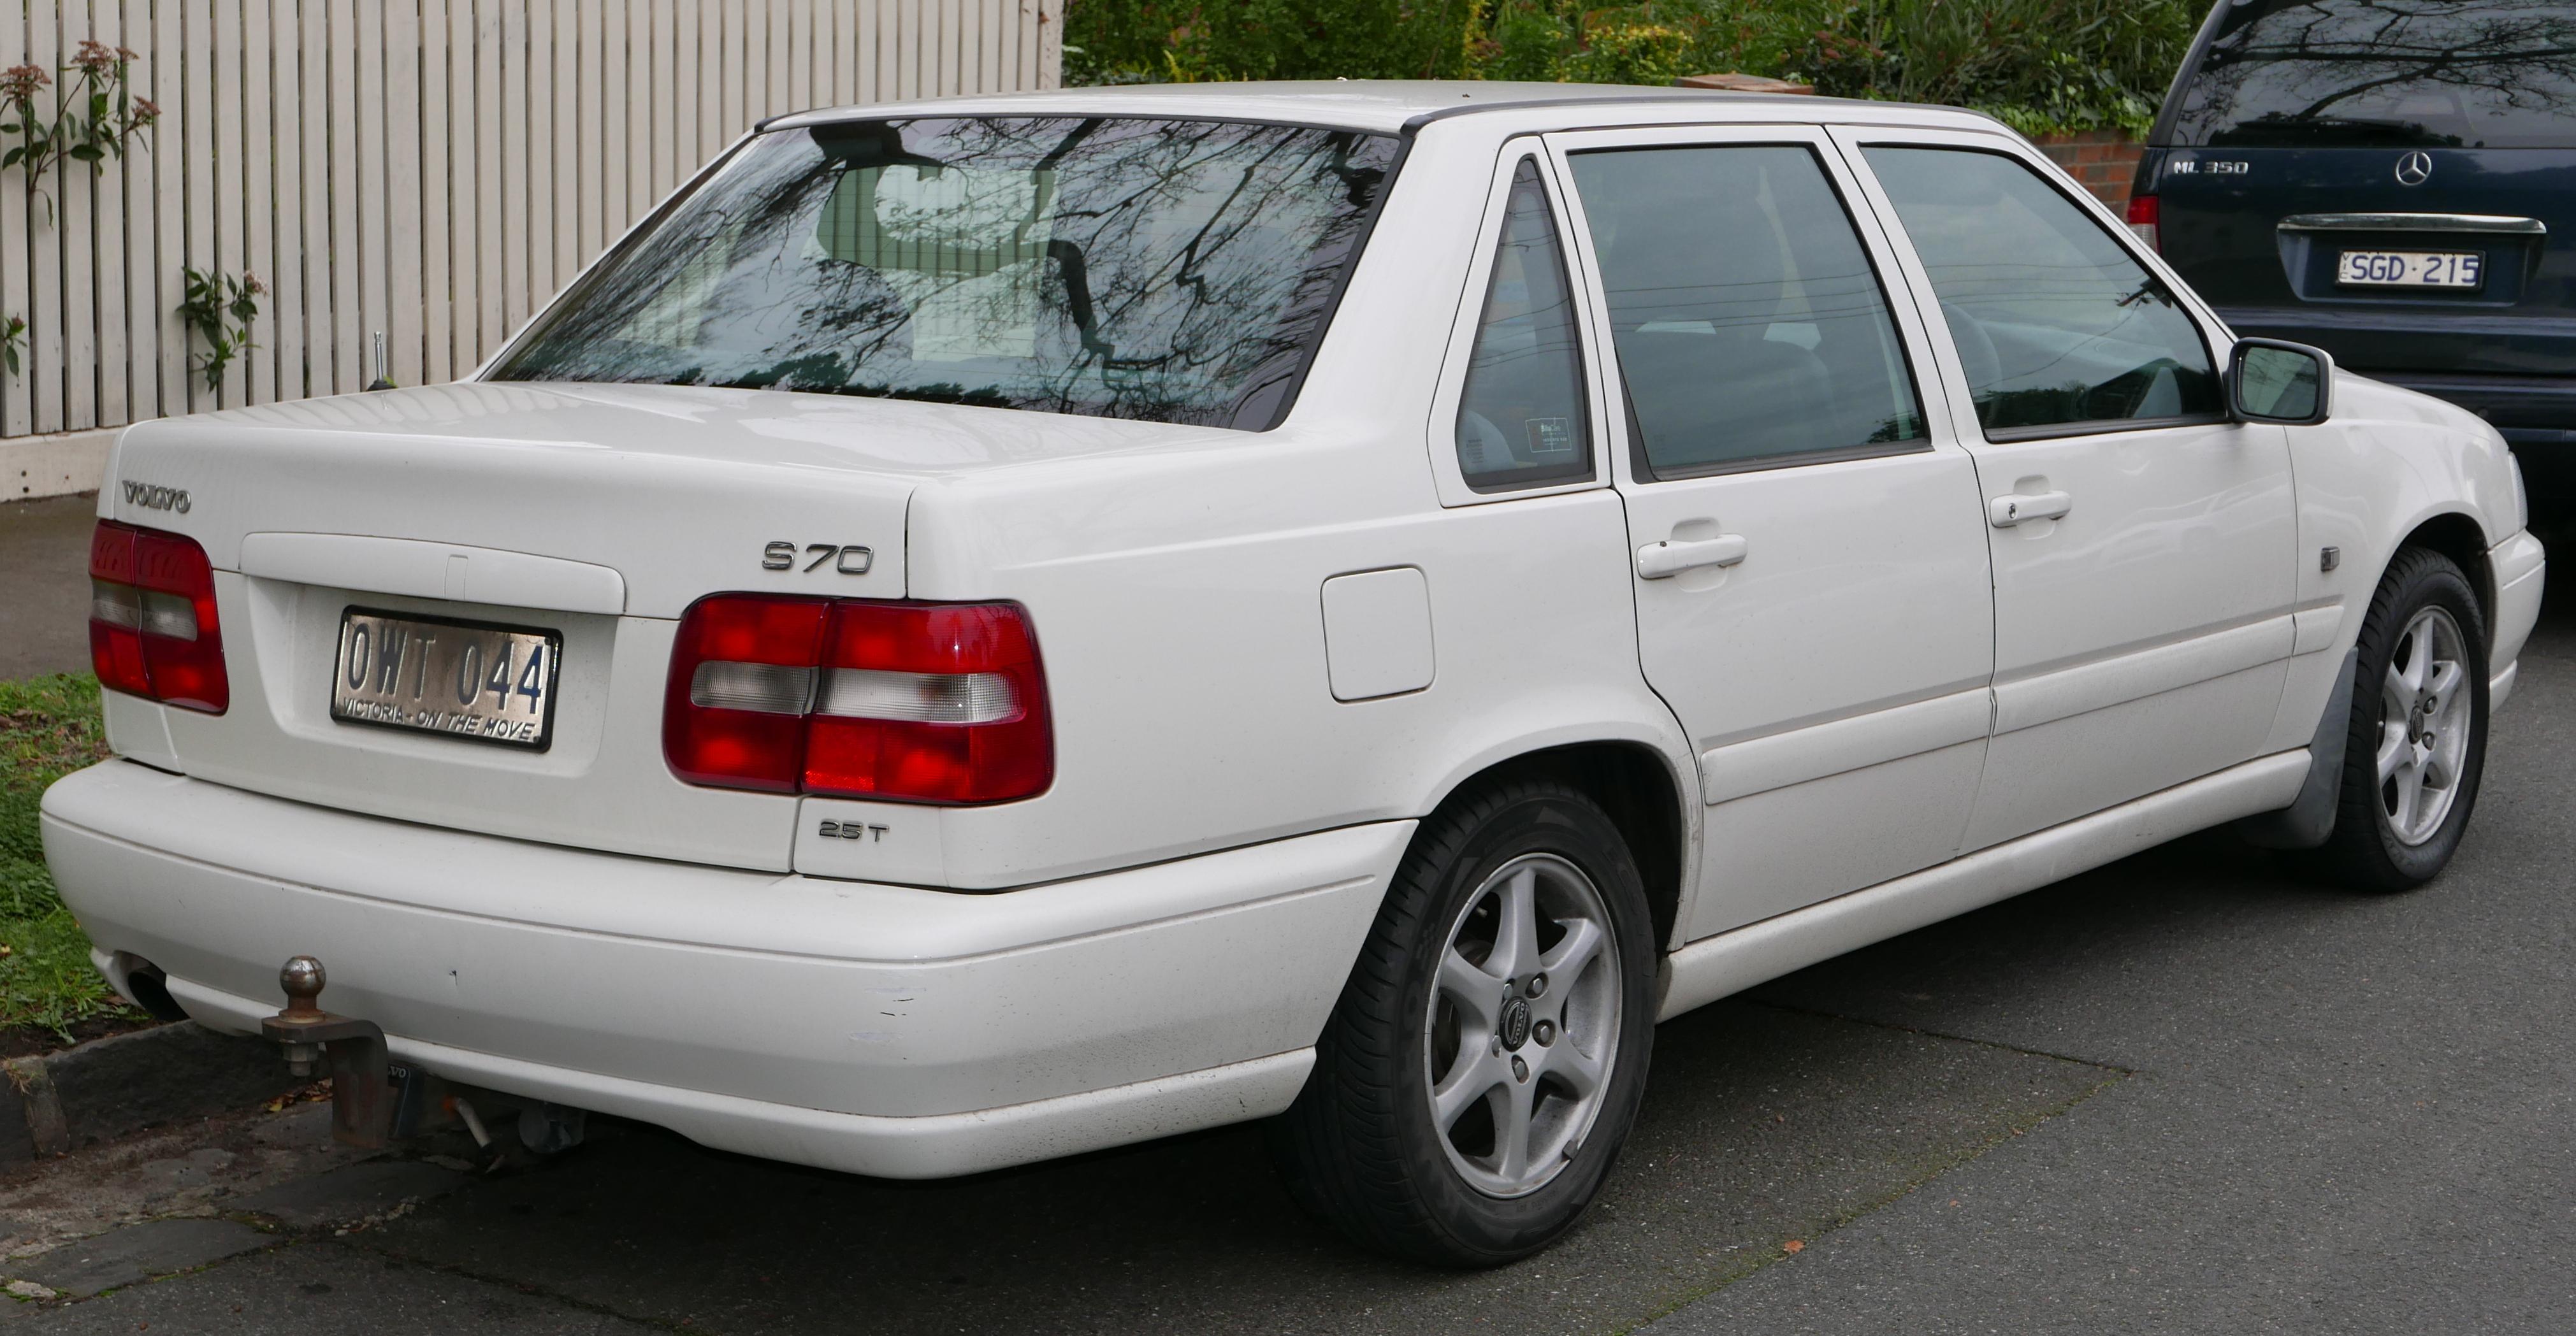 Volvo s70 2 5 20v turbo 193 hp